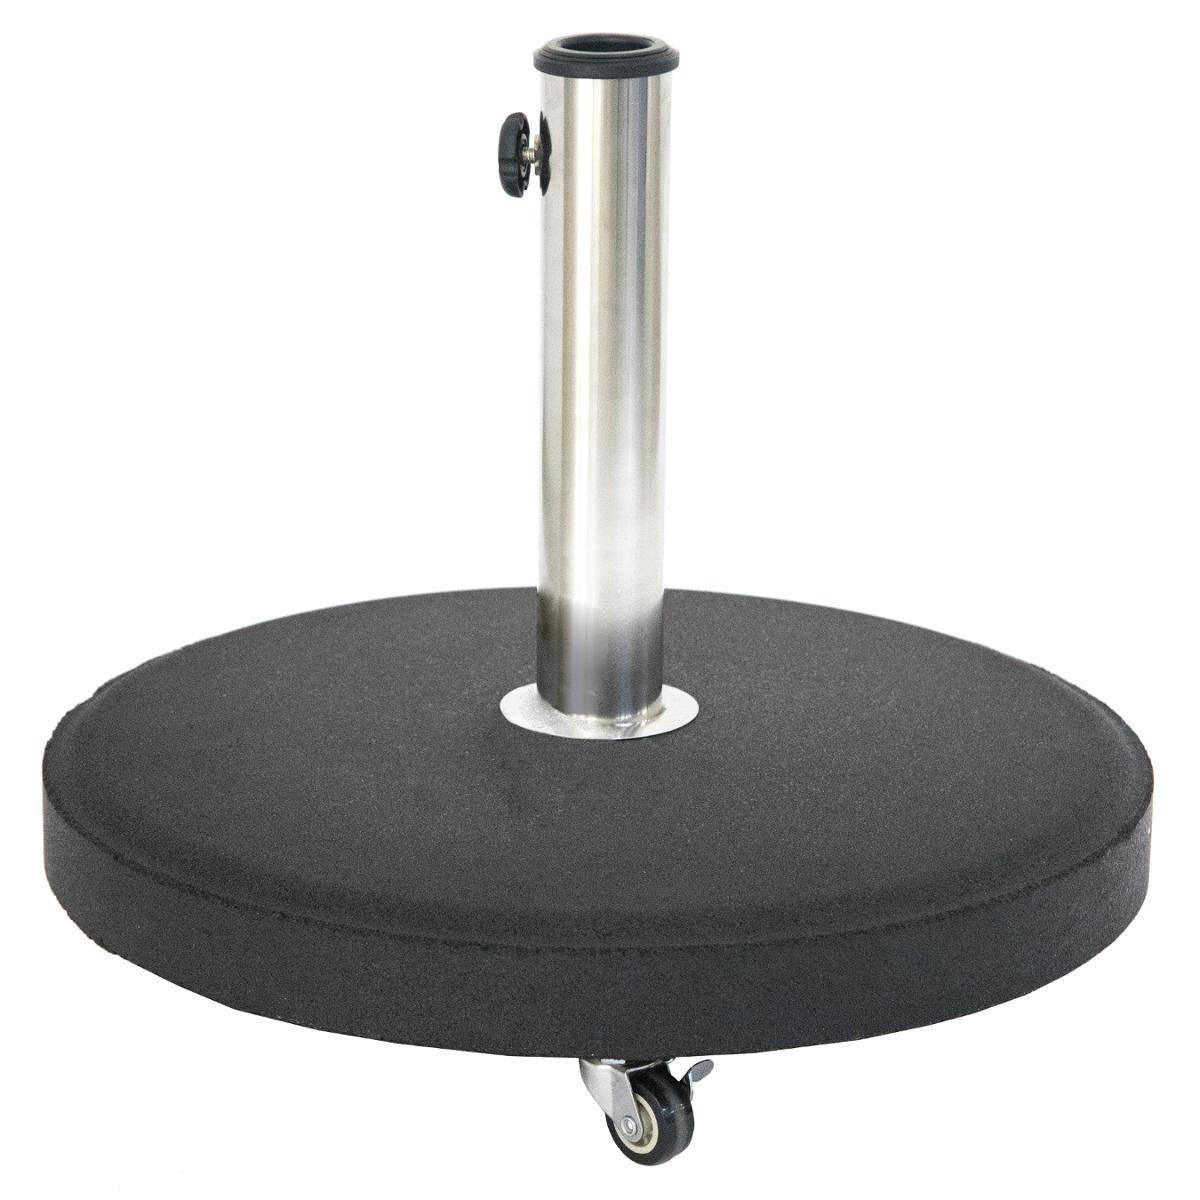 בסיס לשמשיה 25 קג עם גלגלים